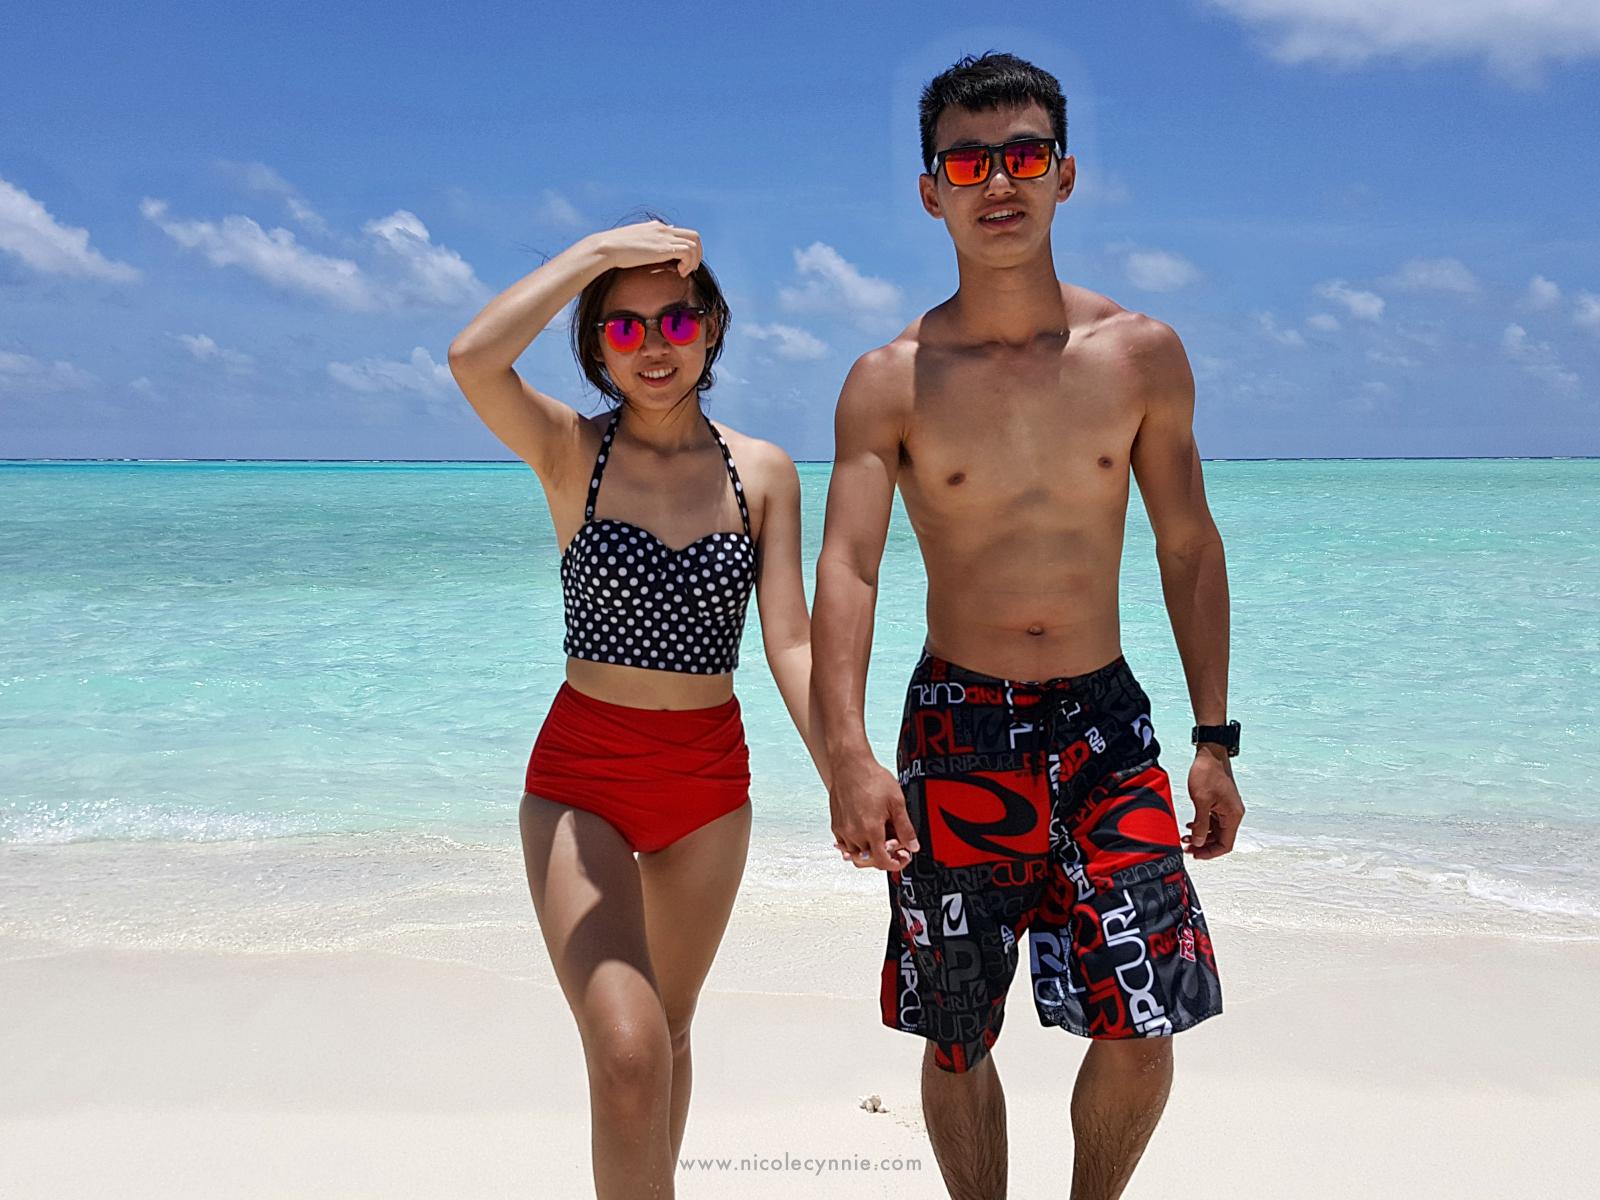 Nicole Cynnie | Sand Bank, Maldives 4